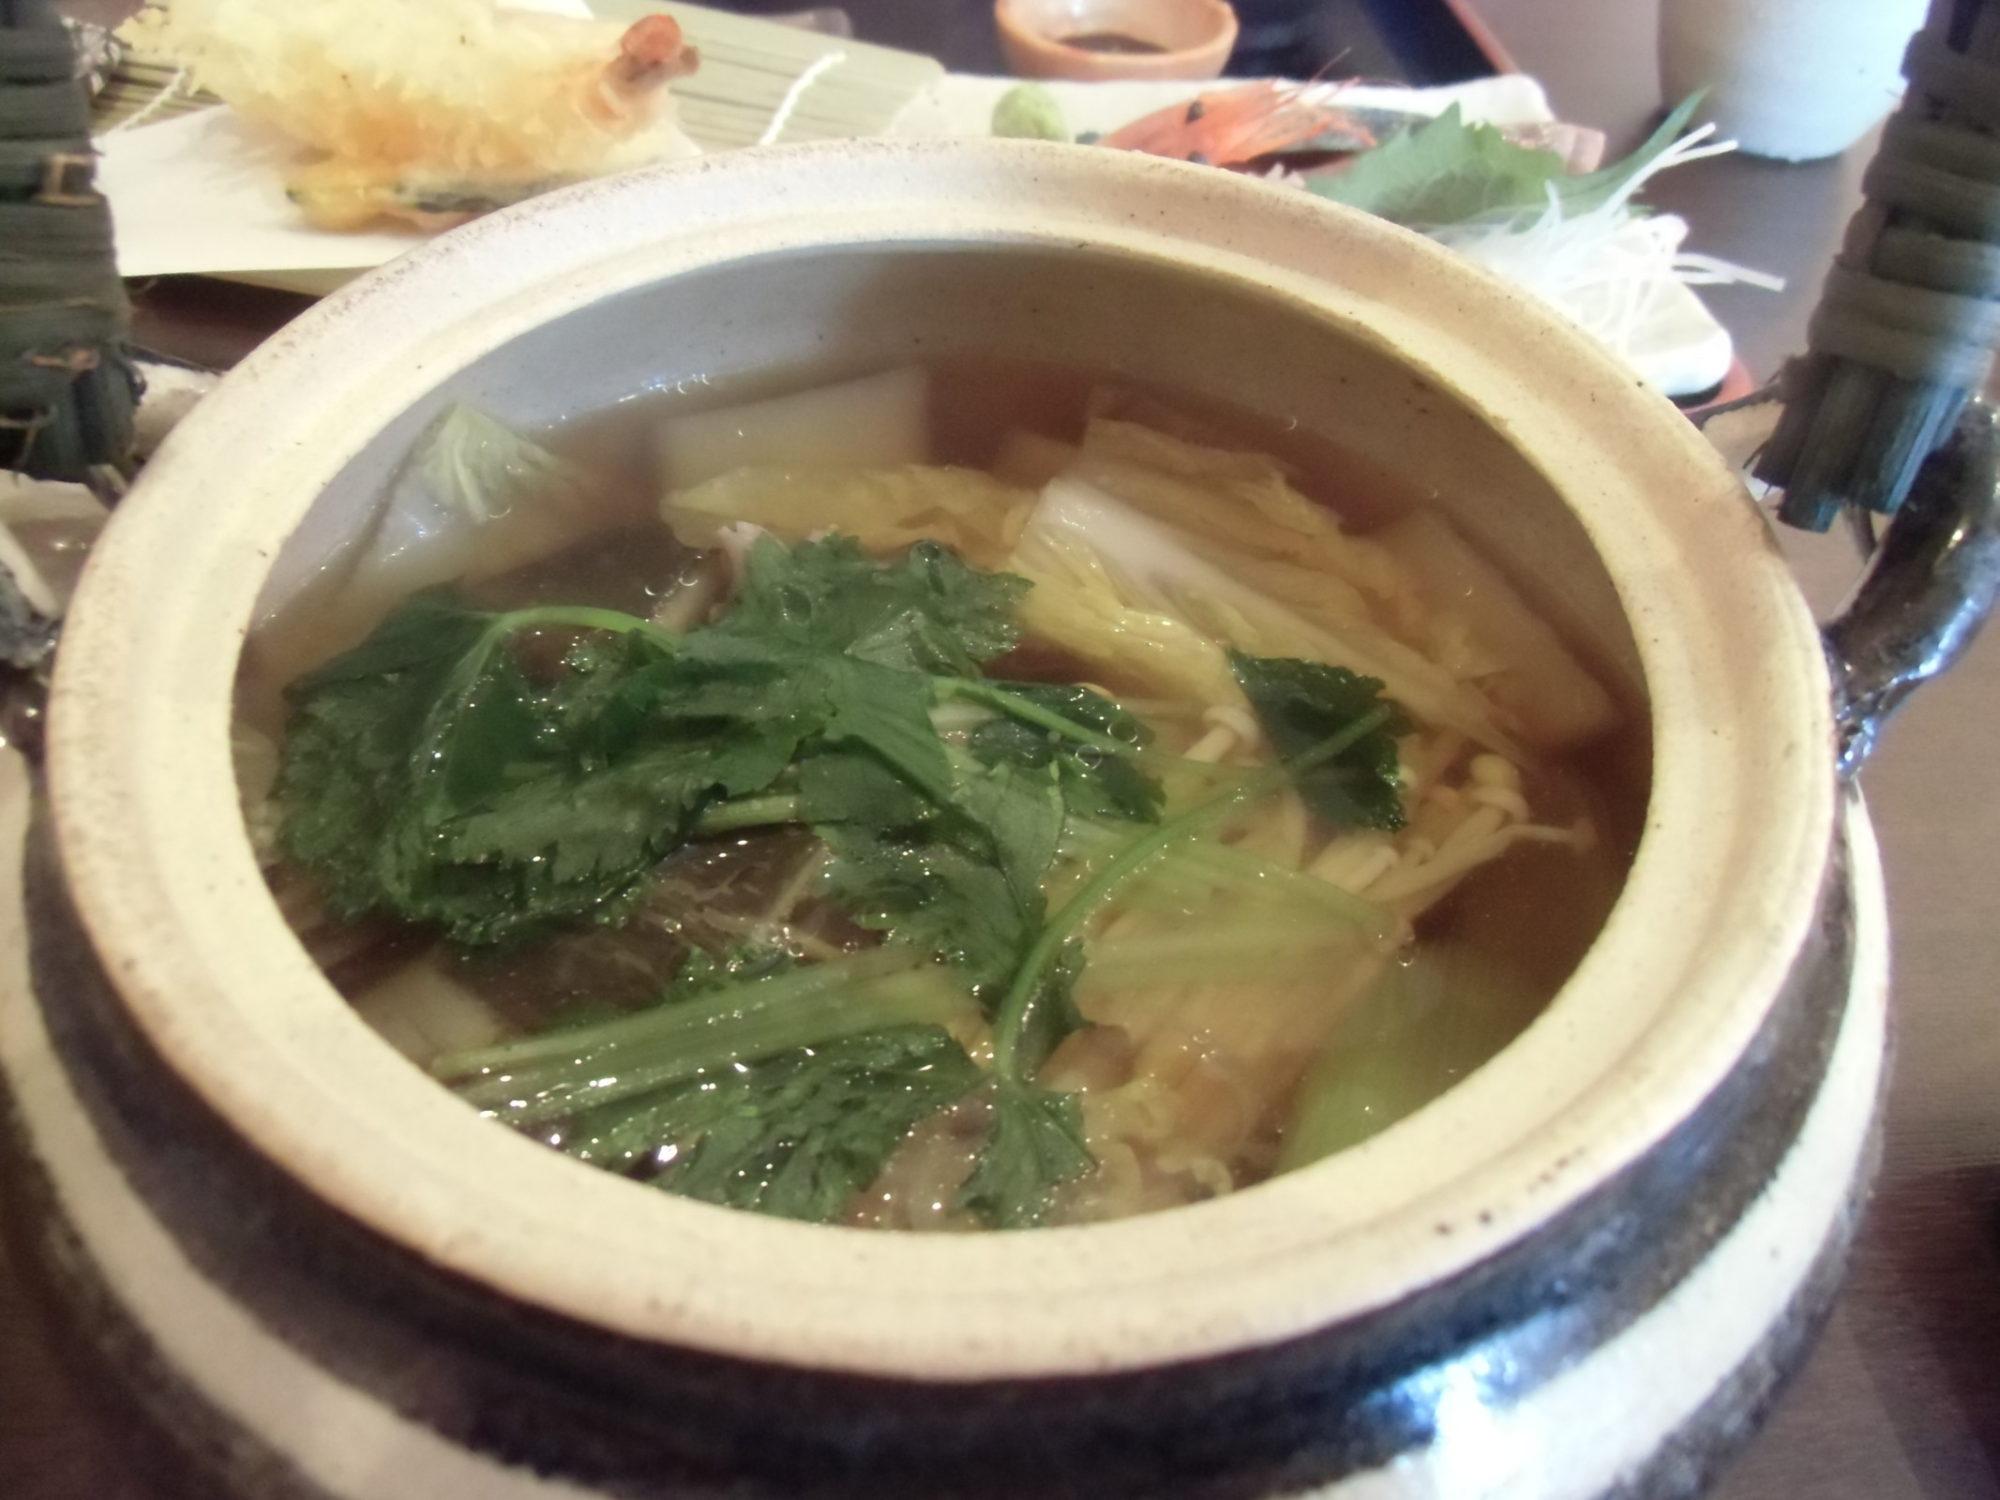 知多市のリーズナブルな「すっぽん料理」